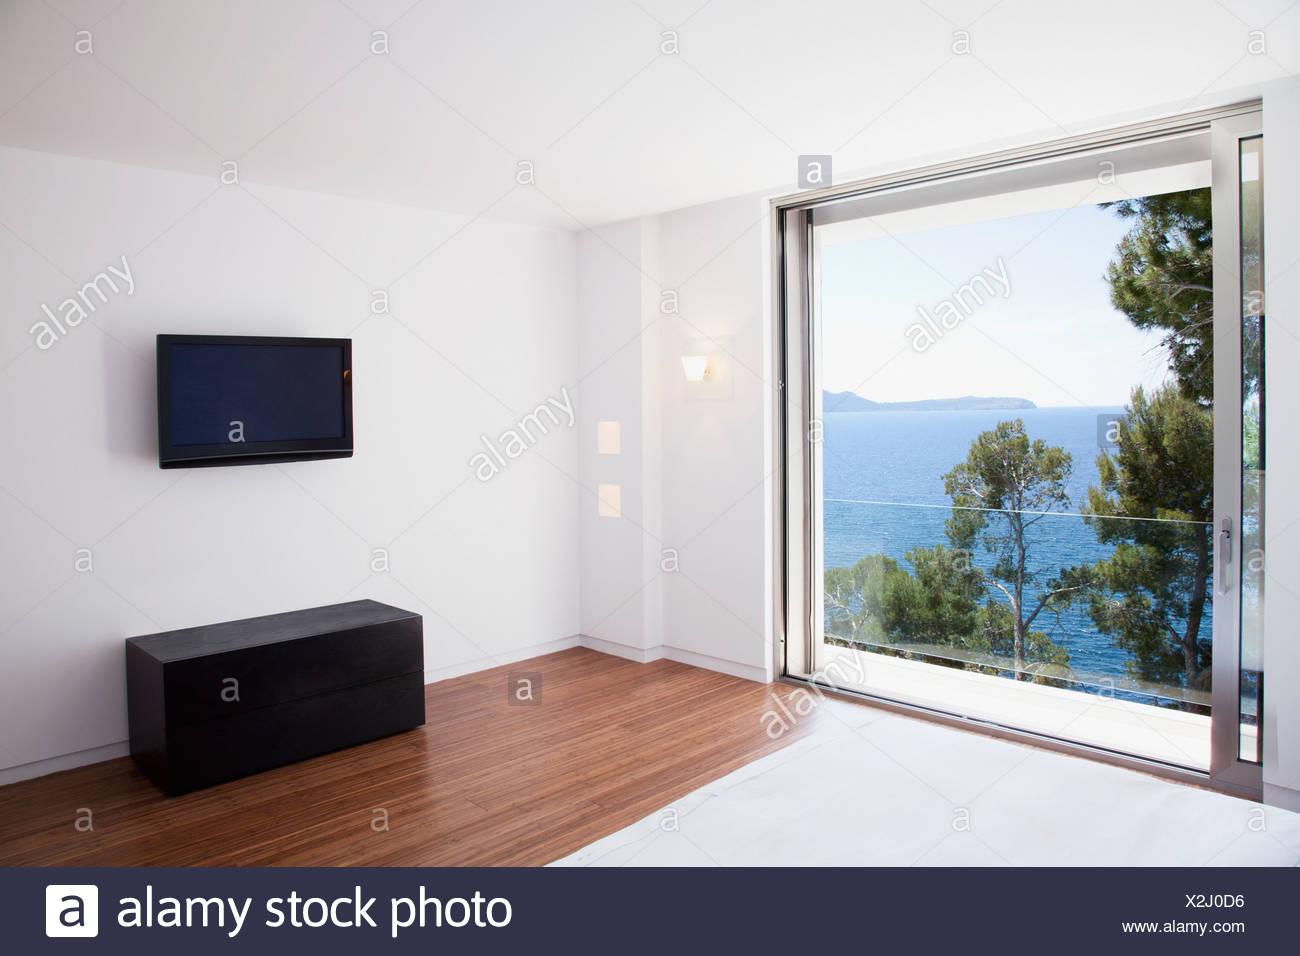 Schiebetüren in modernen Schlafzimmer Stockfoto, Bild ...